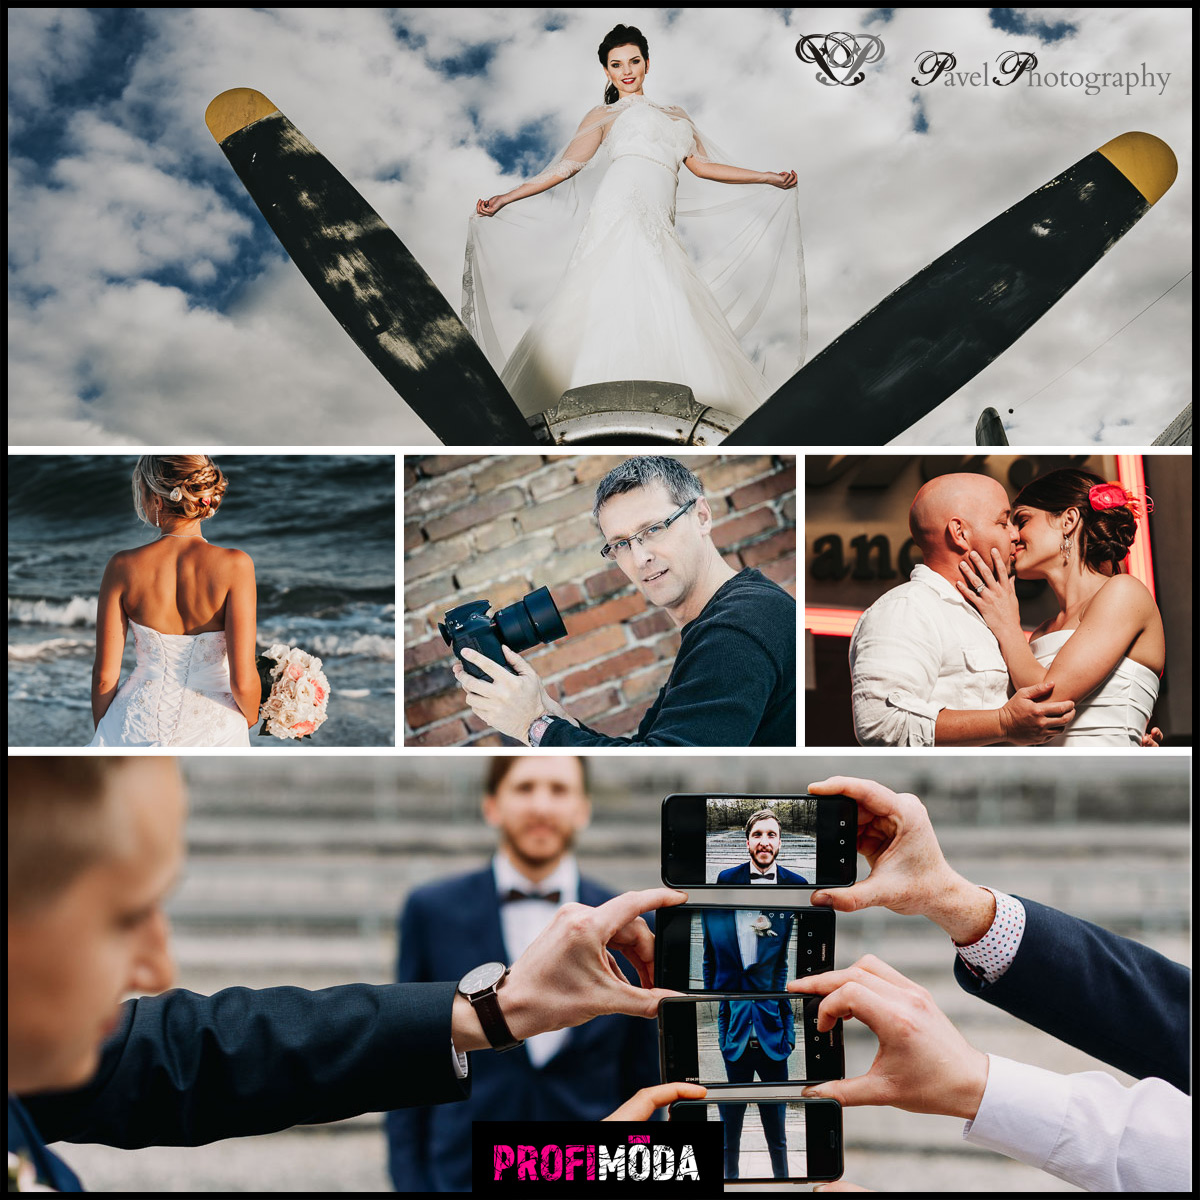 Fotograf Pavel Vávra má zkušenosti s focení, včetně svateb, nejen v ČR, ale i ze zahraničí. Jeho fotografie ze svatby mají úspěch.